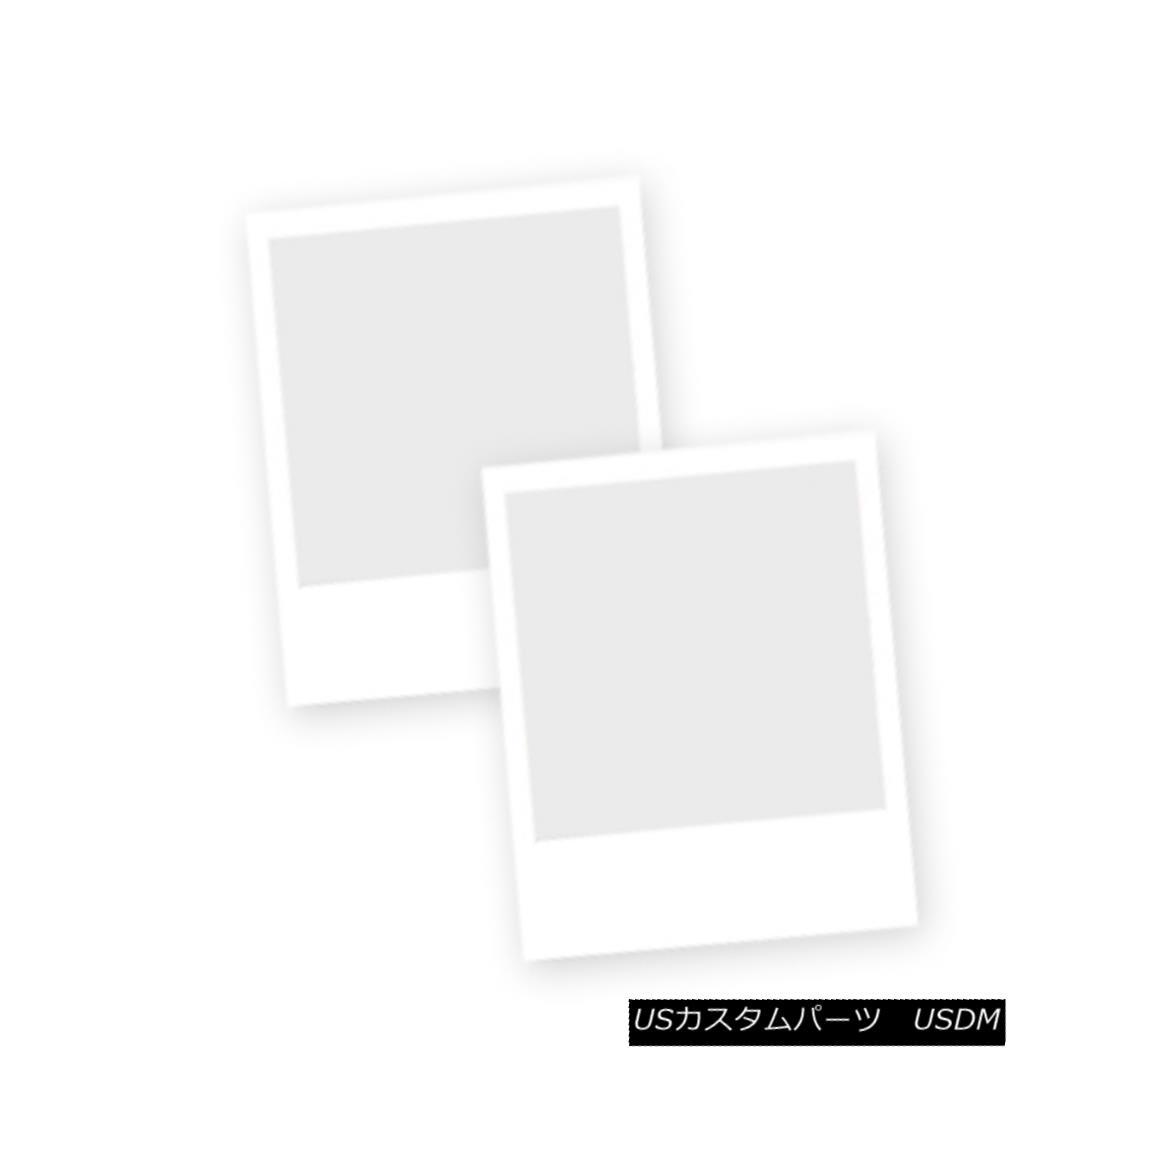 グリル Fits 2015-2016 GMC Sierra 2500/3500 Billet Grille Insert Combo フィット2015-2016 GMC Sierra 2500/3500ビレットグリルインサートコンボ